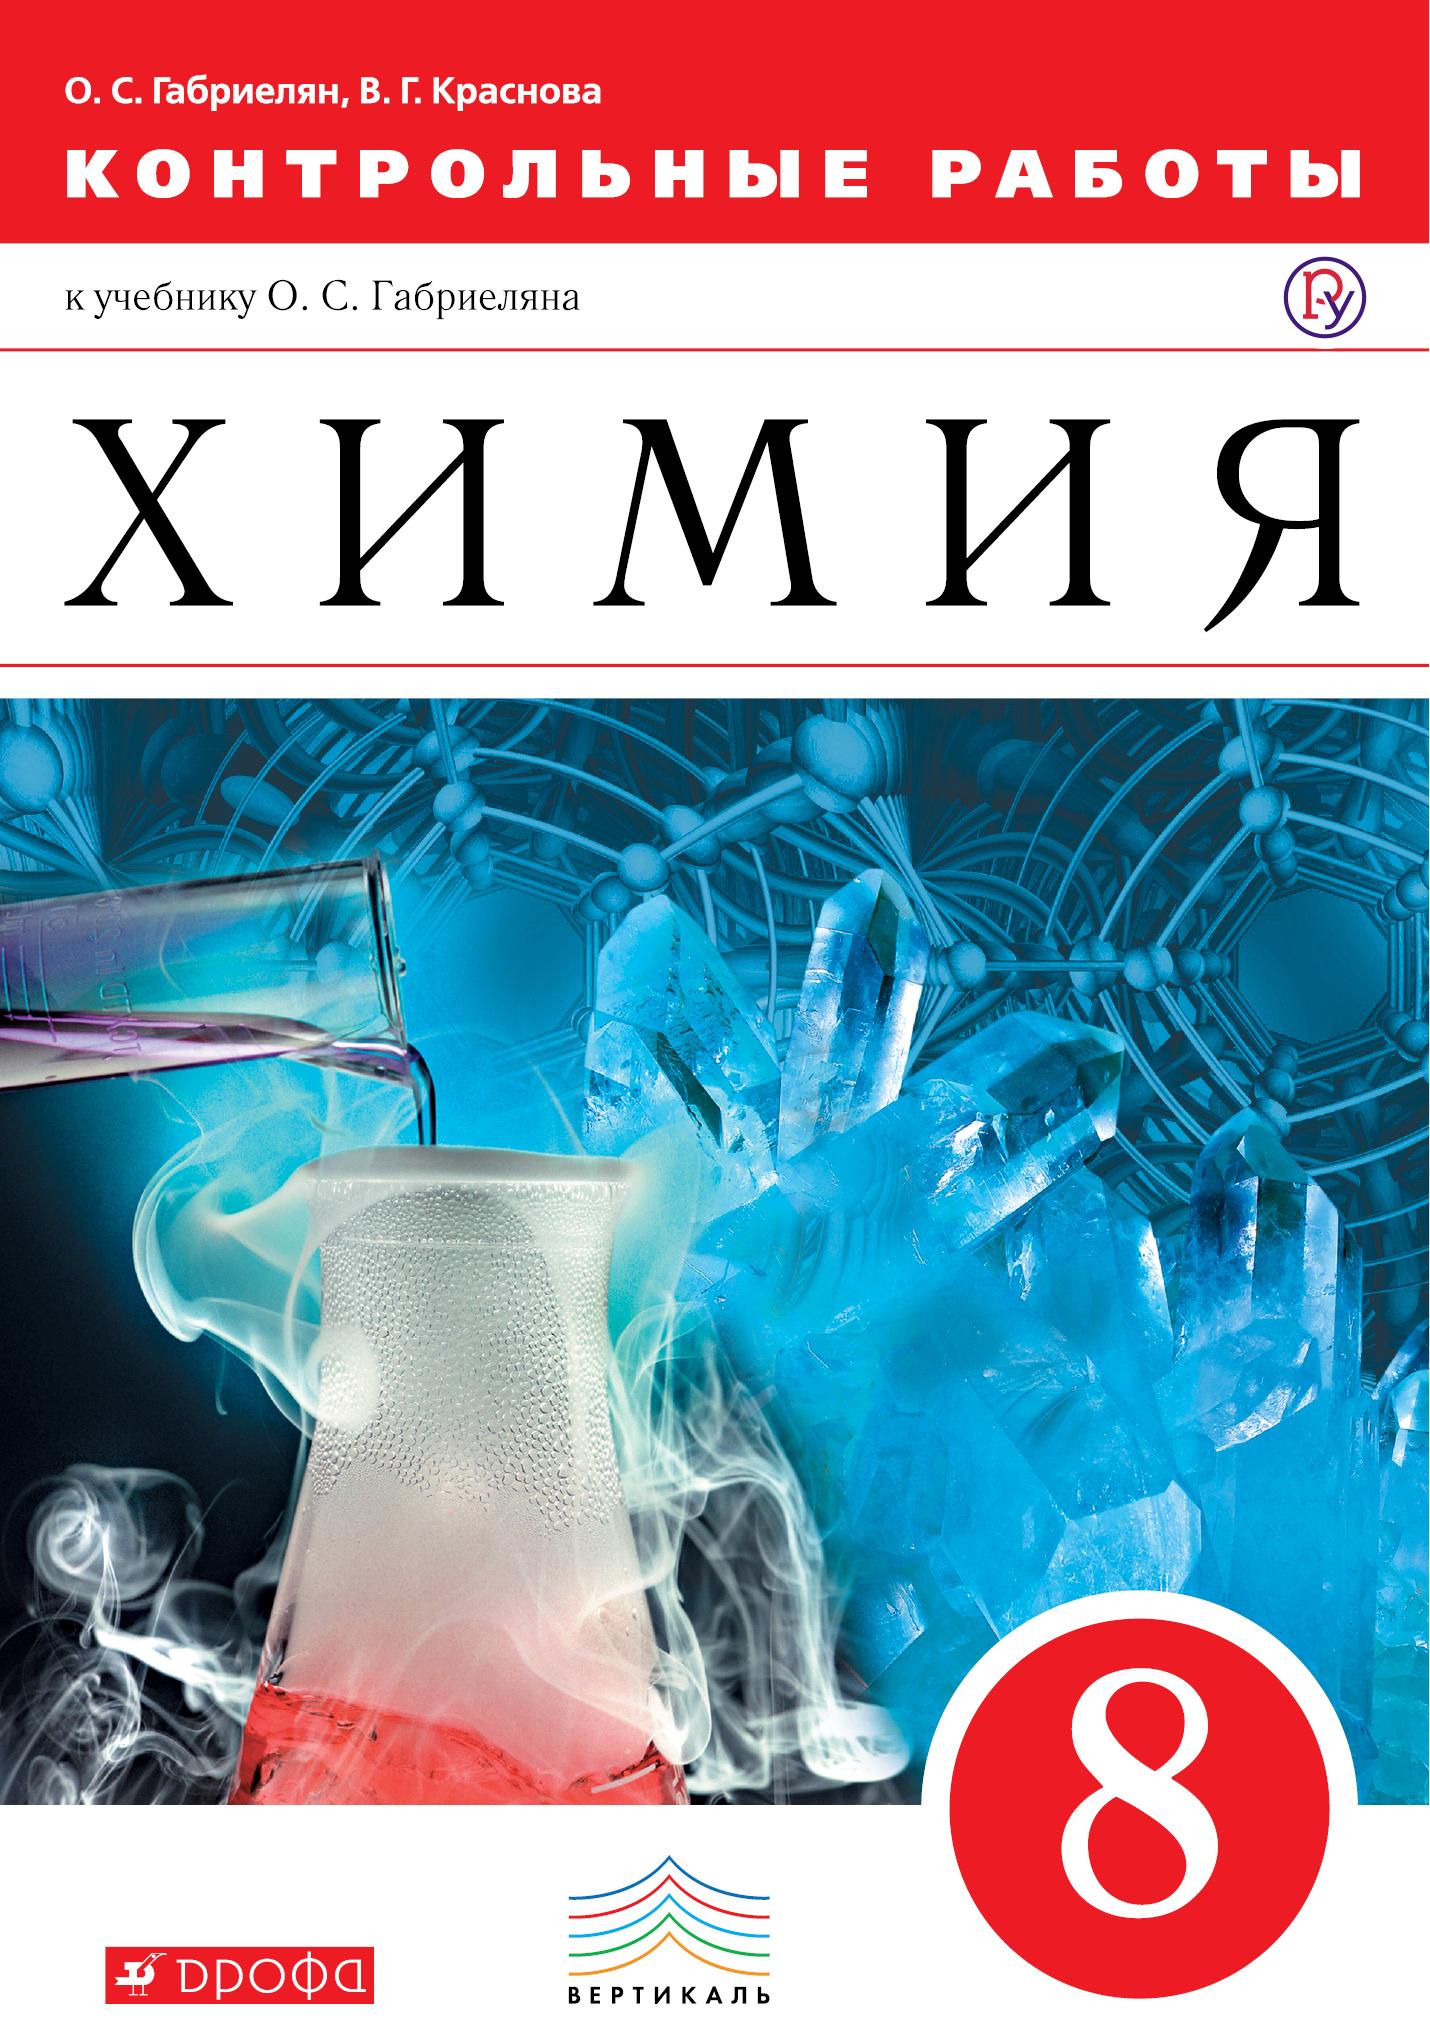 Химия. 8 класс. Контрольные работы ( Габриелян О.С., Краснова В.Г.  )